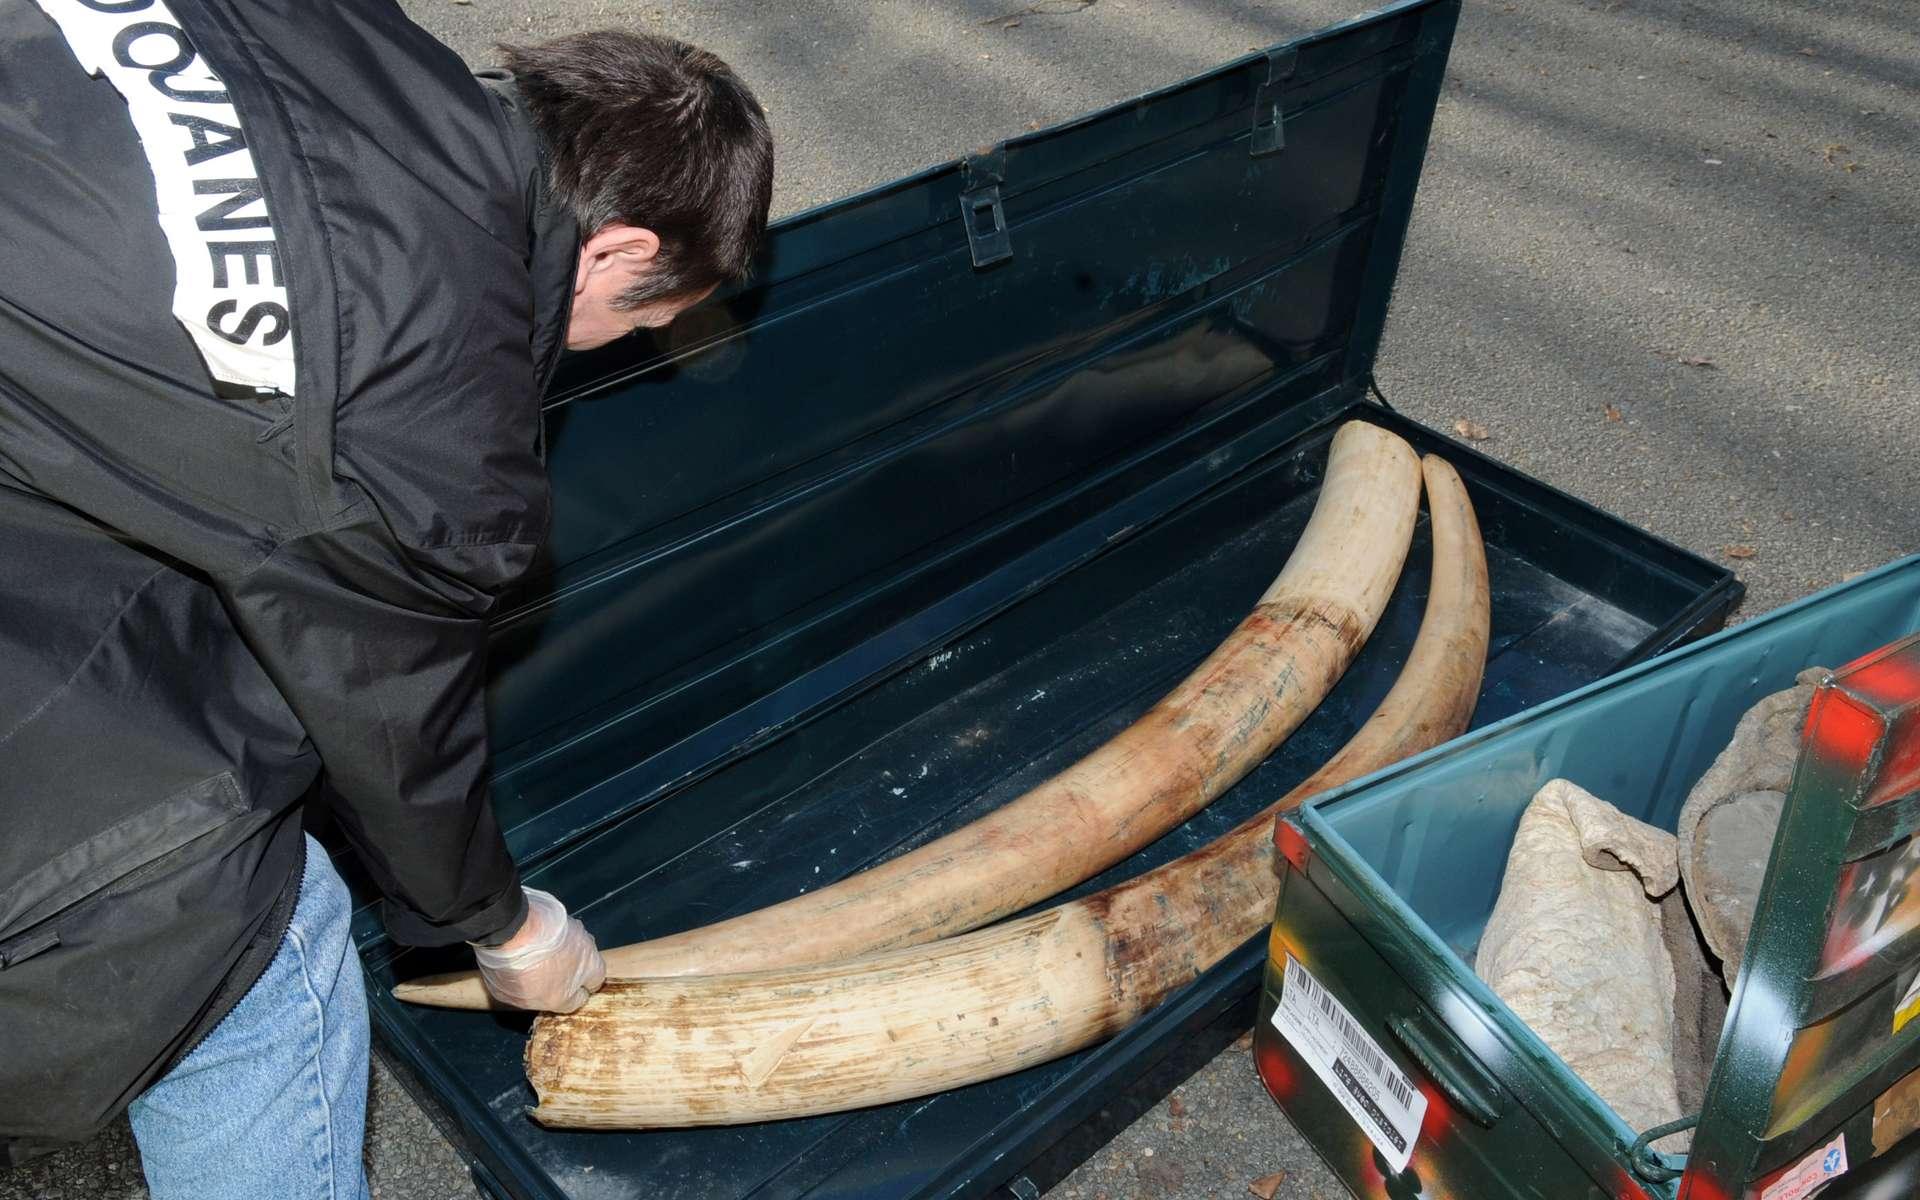 Les saisies d'ivoire en 2011 ont atteint un record depuis 1989. Cette photographie a été prise à Roissy en Mars 2010. © Marc Bonodot, douane française